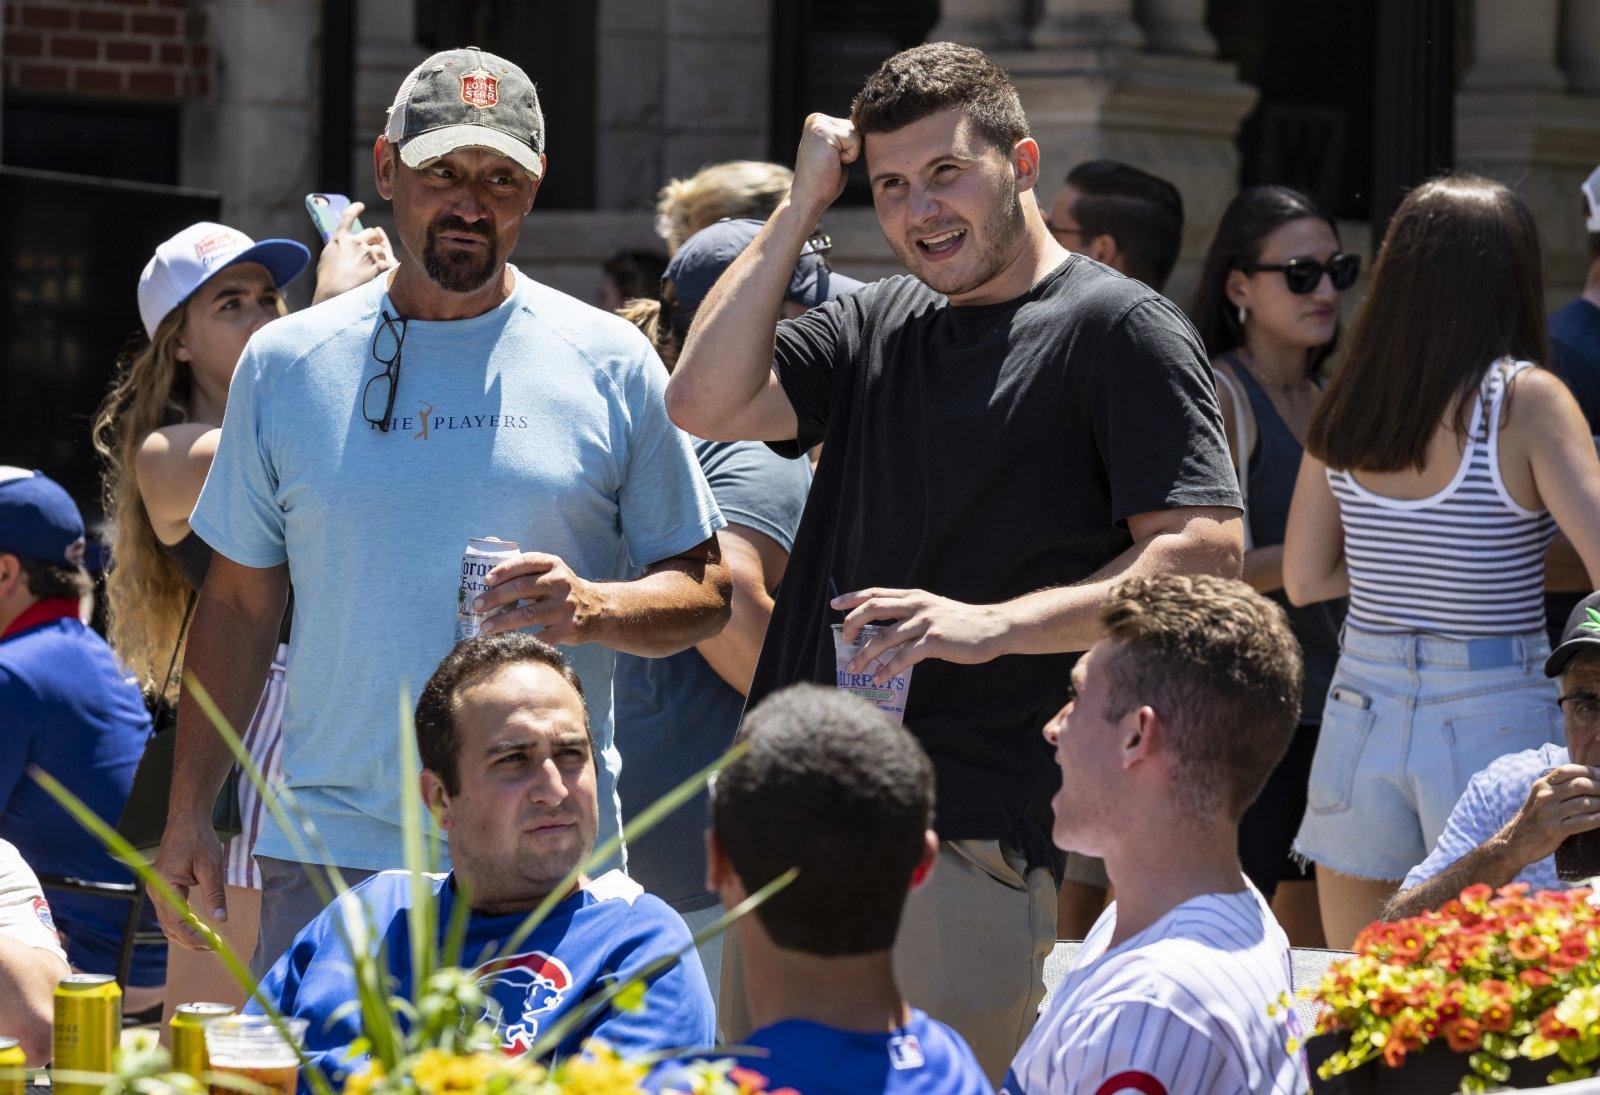 6月11日,在美國伊利諾伊州芝加哥,人們在酒吧聚會。(新華社)